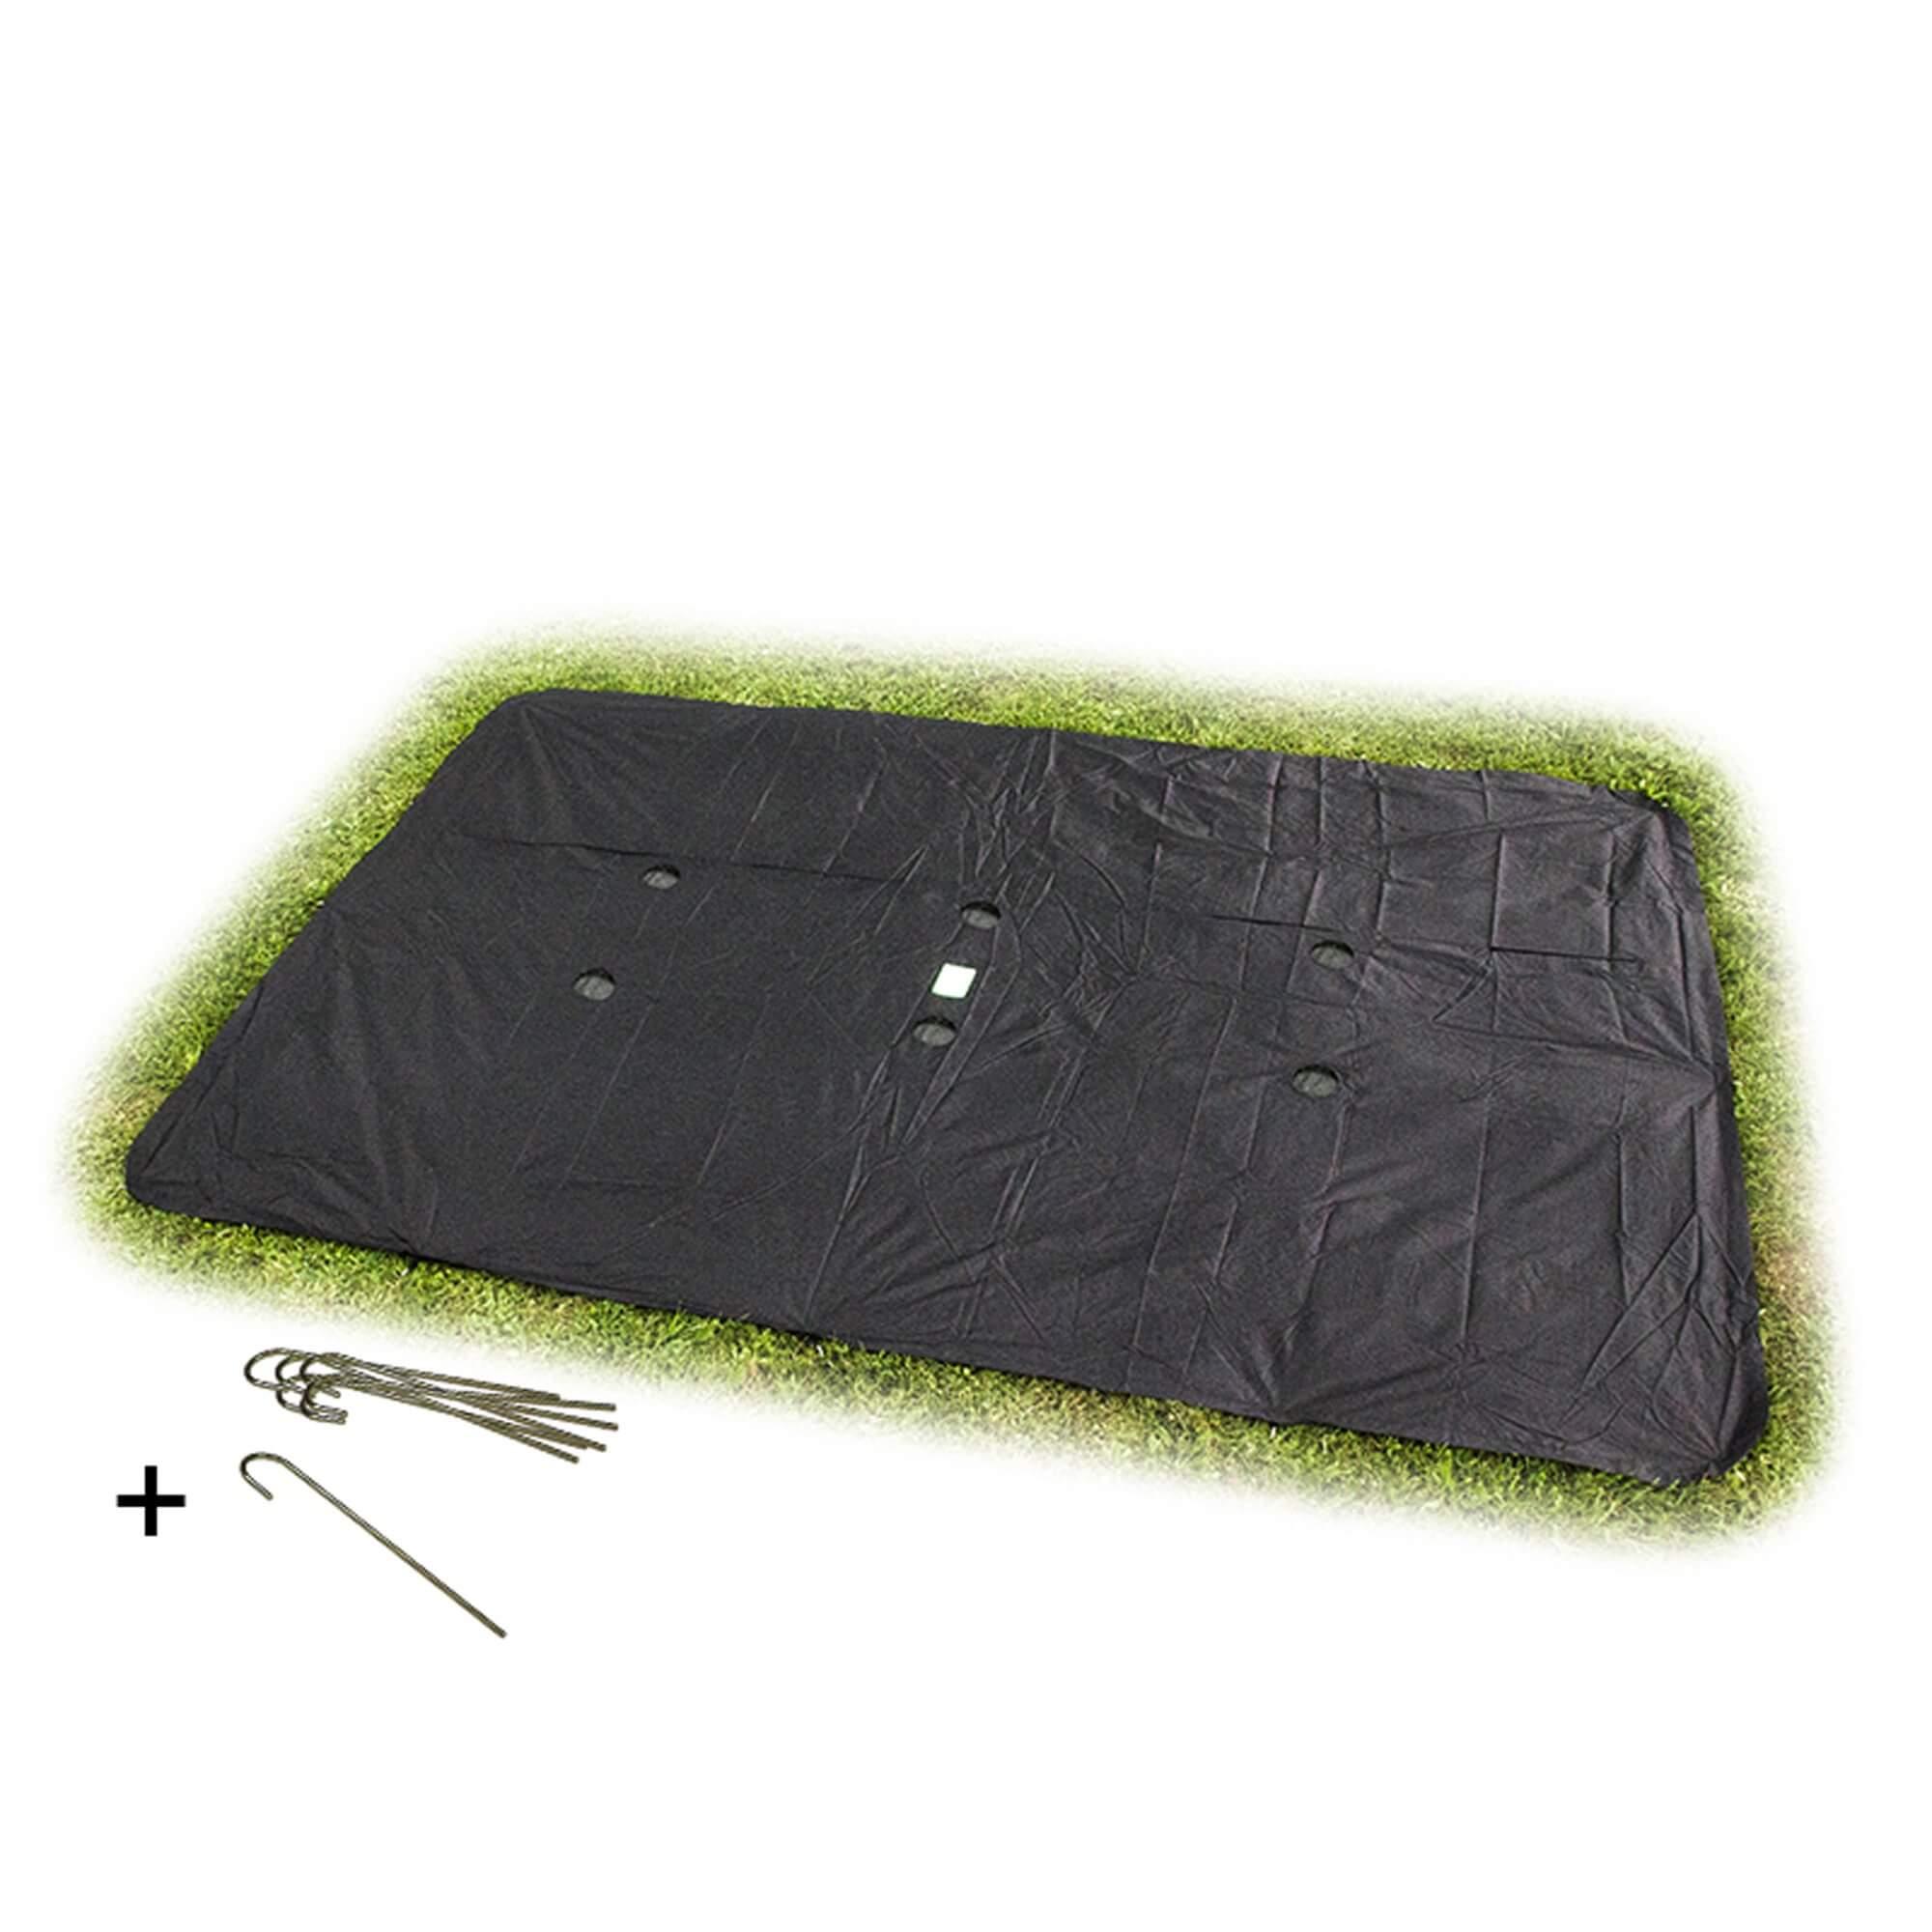 herbstzeit beim trampolin abdeckplane trampolin jetzt kaufen. Black Bedroom Furniture Sets. Home Design Ideas